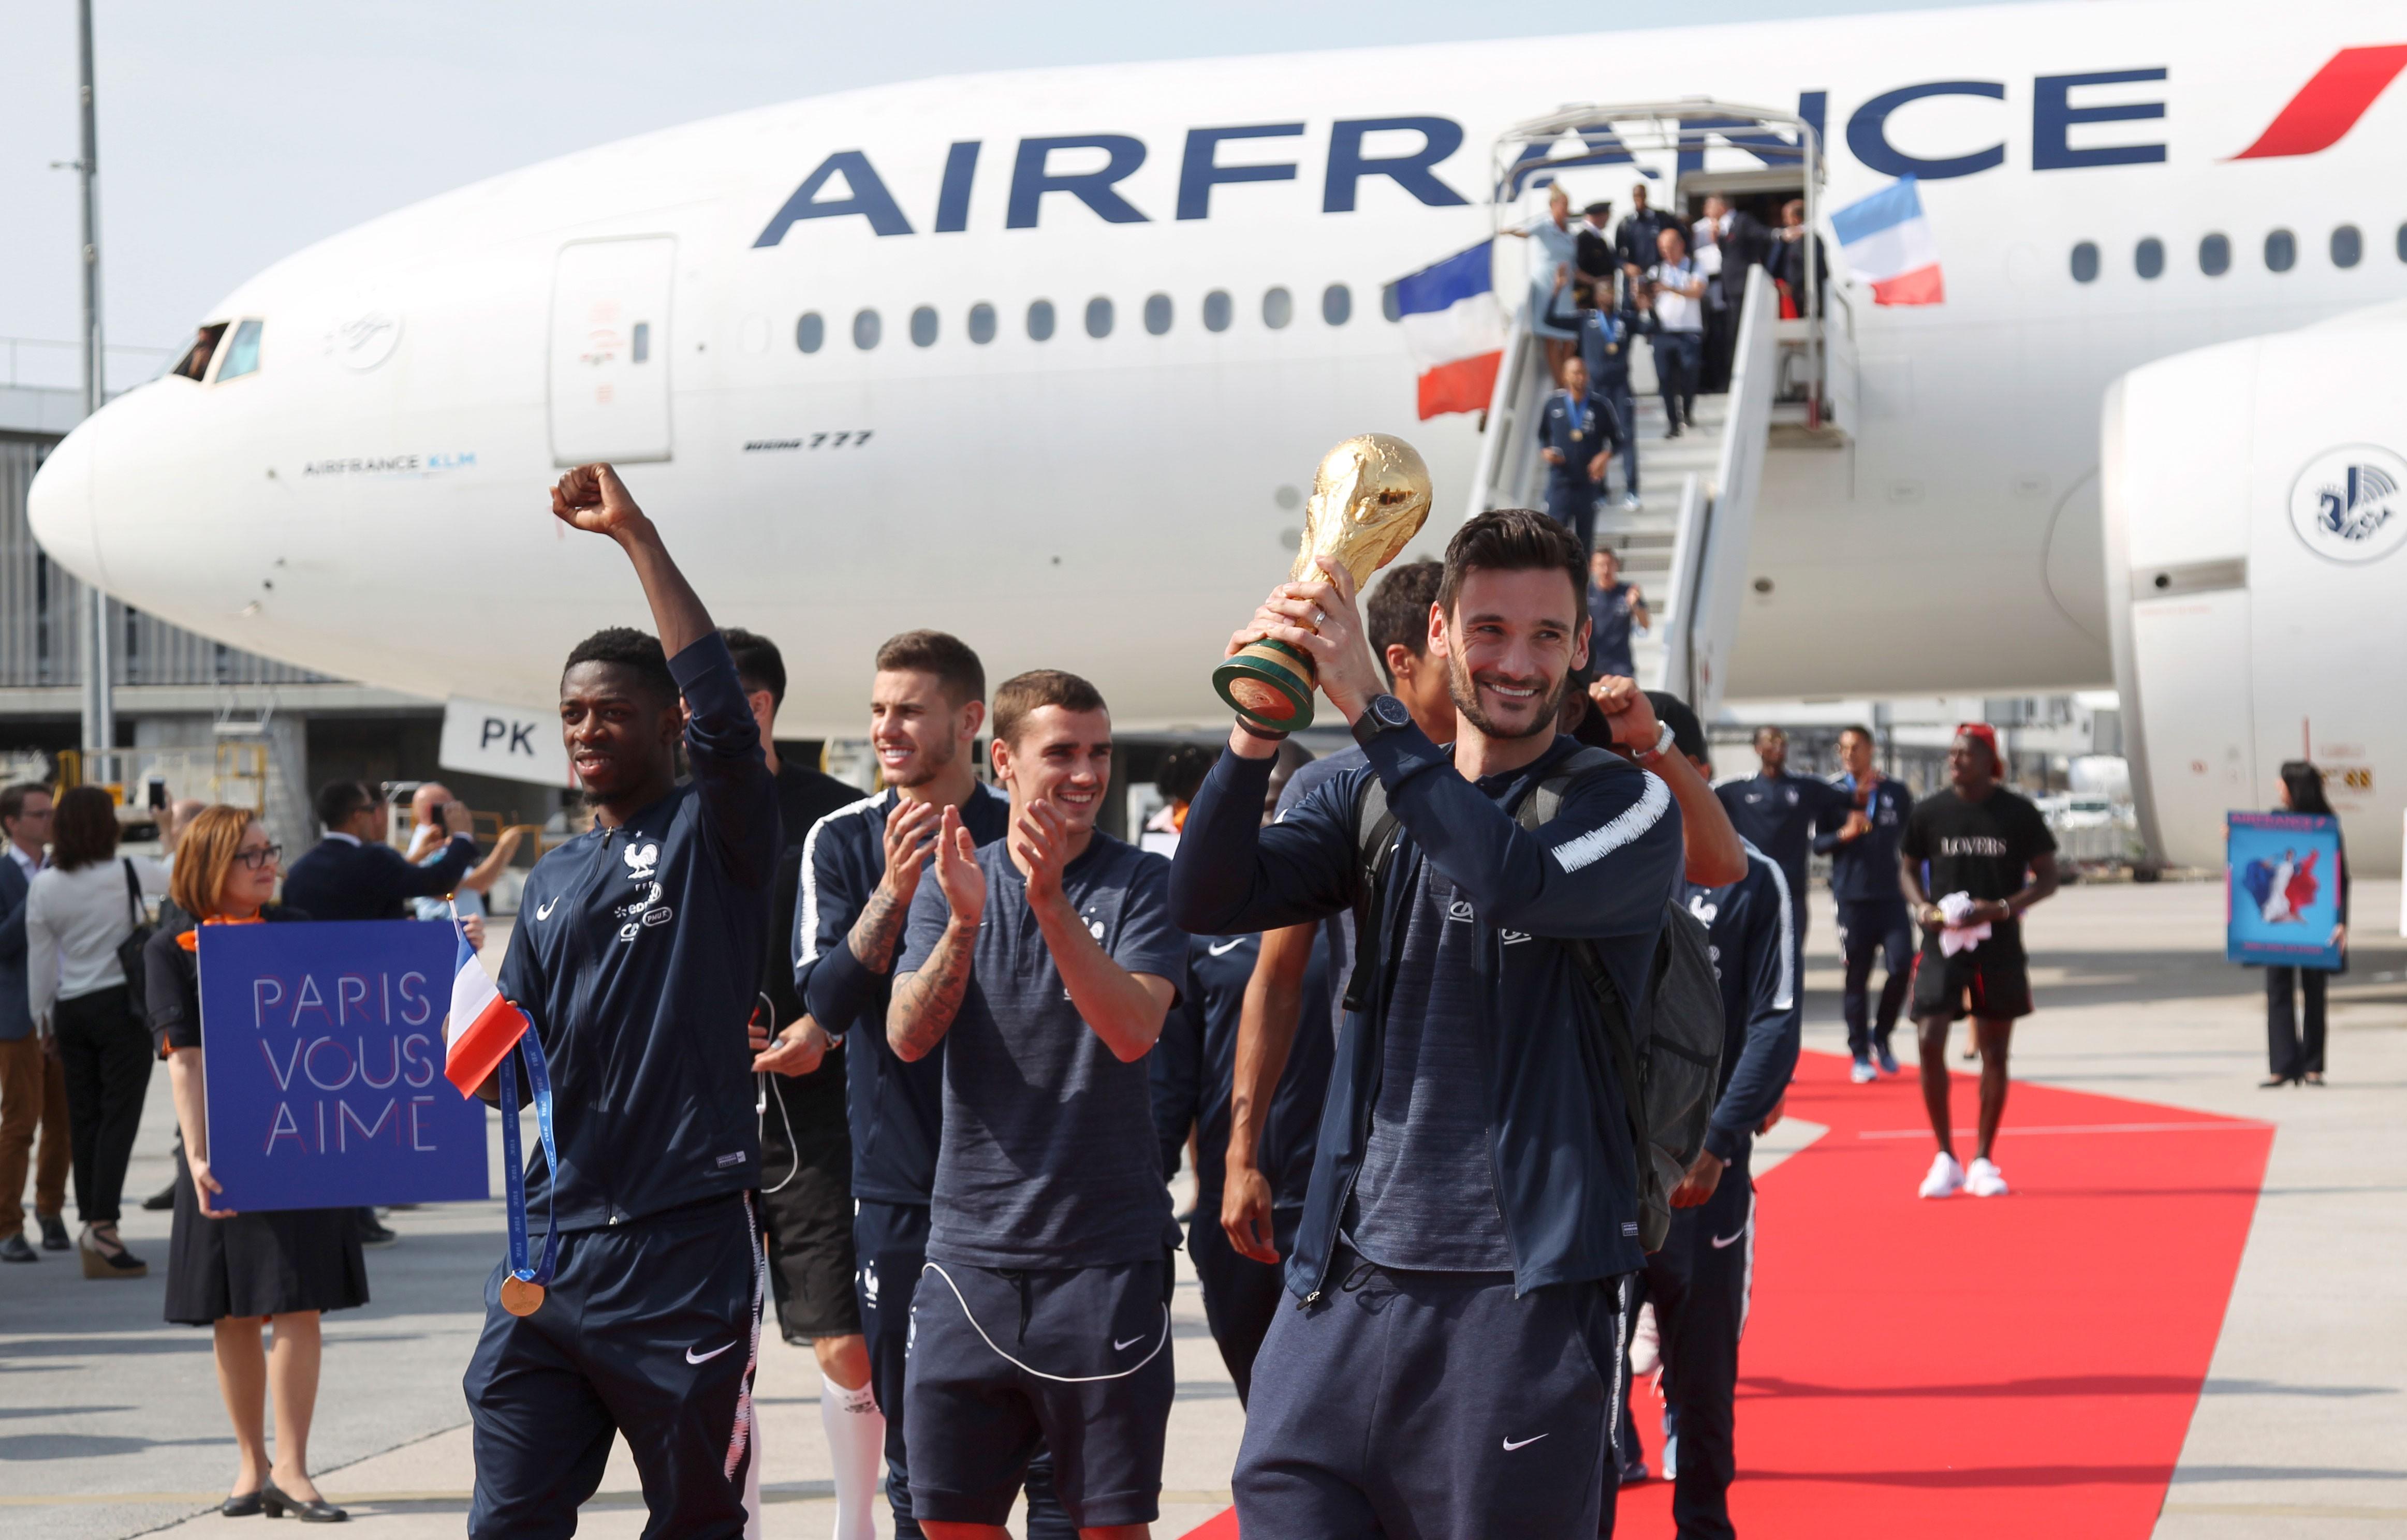 Jogadores da seleção francesa de futebol serão condecorados com a Legião de Honra